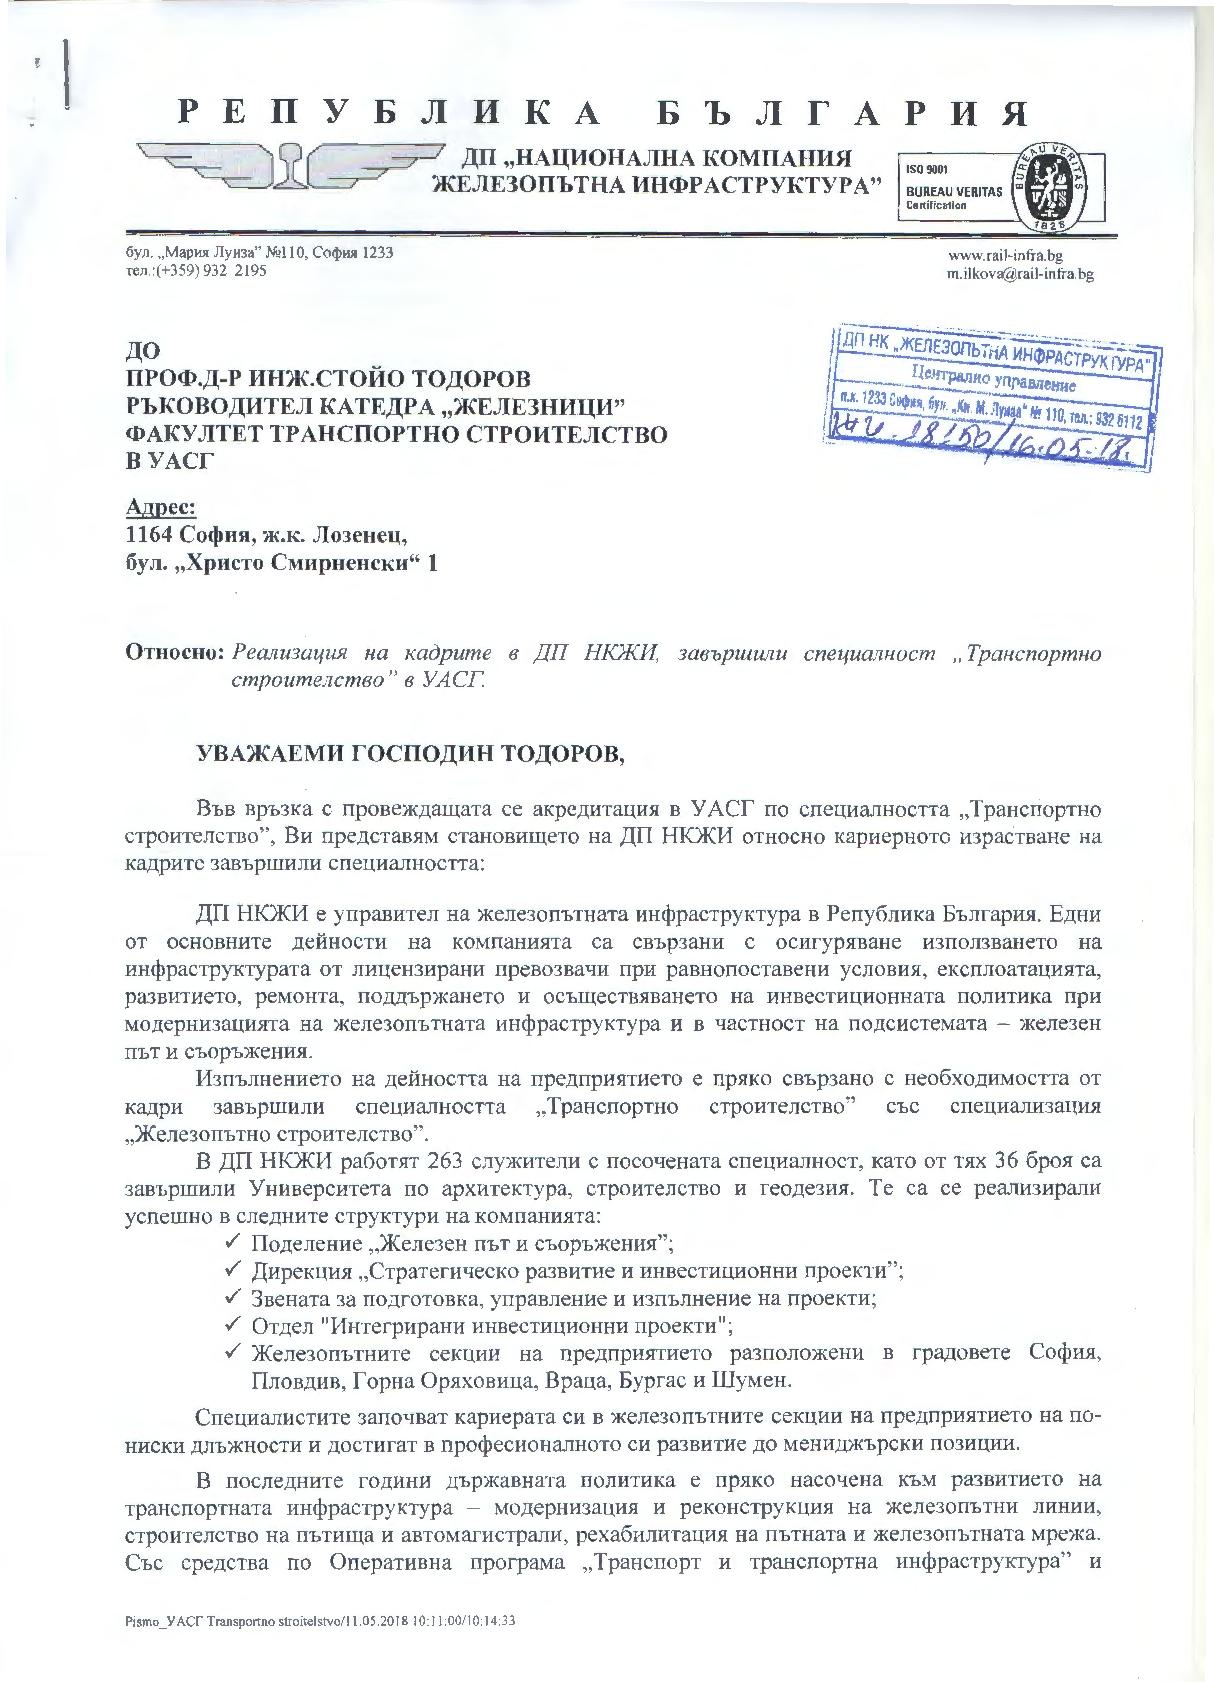 """Писмо от НКЖИ, относно реализацията на кадрите от специалност """"Транспортно строителство"""""""